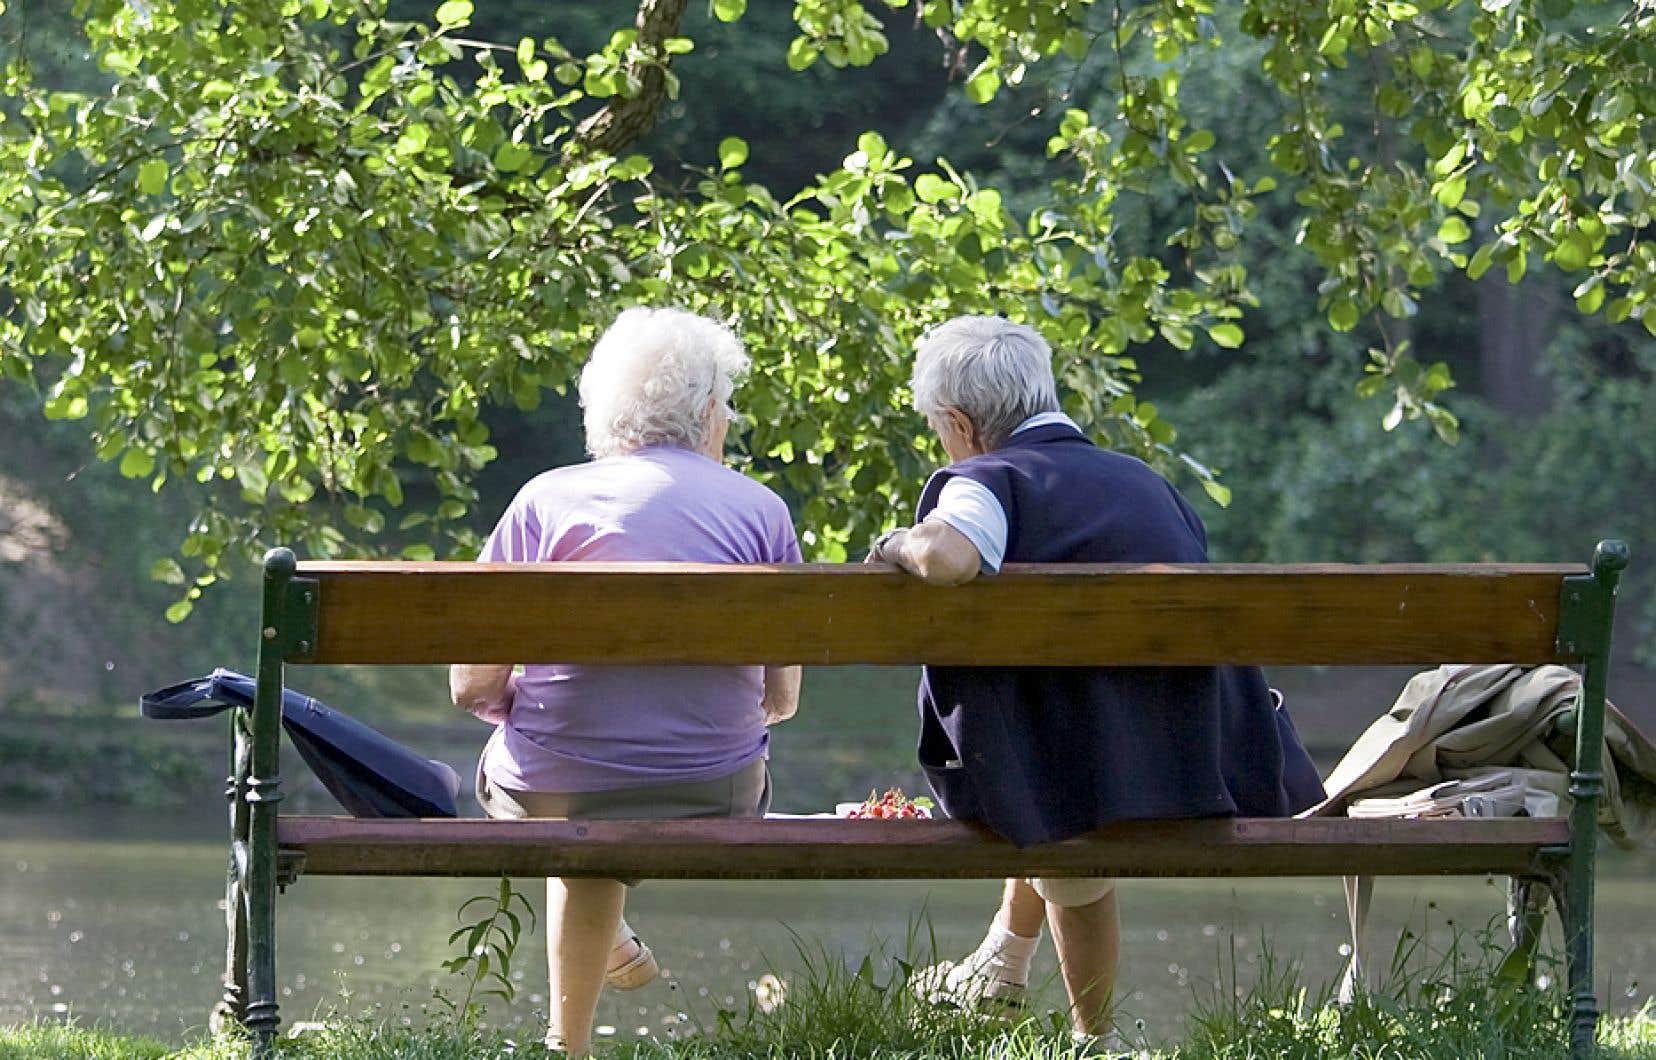 Le réchauffement climatique touche les aînés, comme l'ensemble de la population.